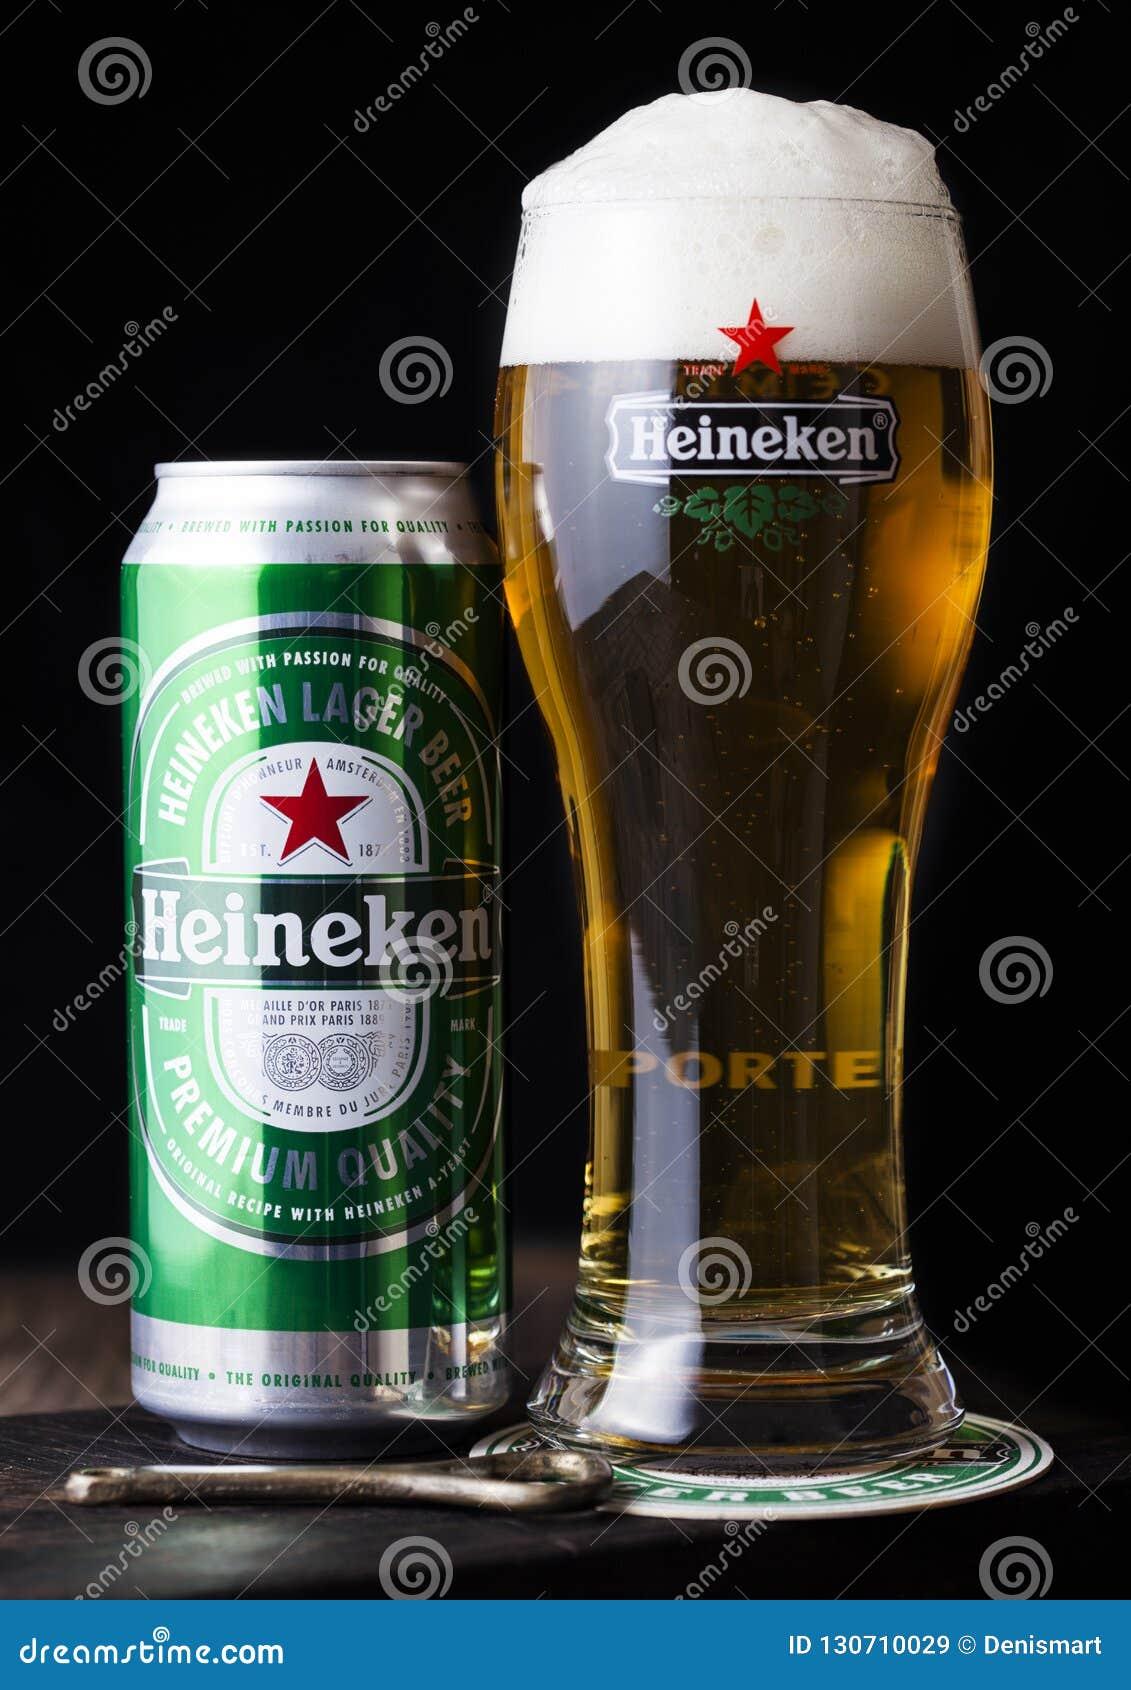 LONDRES, REINO UNIDO - 27 DE ABRIL DE 2018: Poder de aluminio y vidrio original de Heineken Lager Beer en fondo de madera oscuro